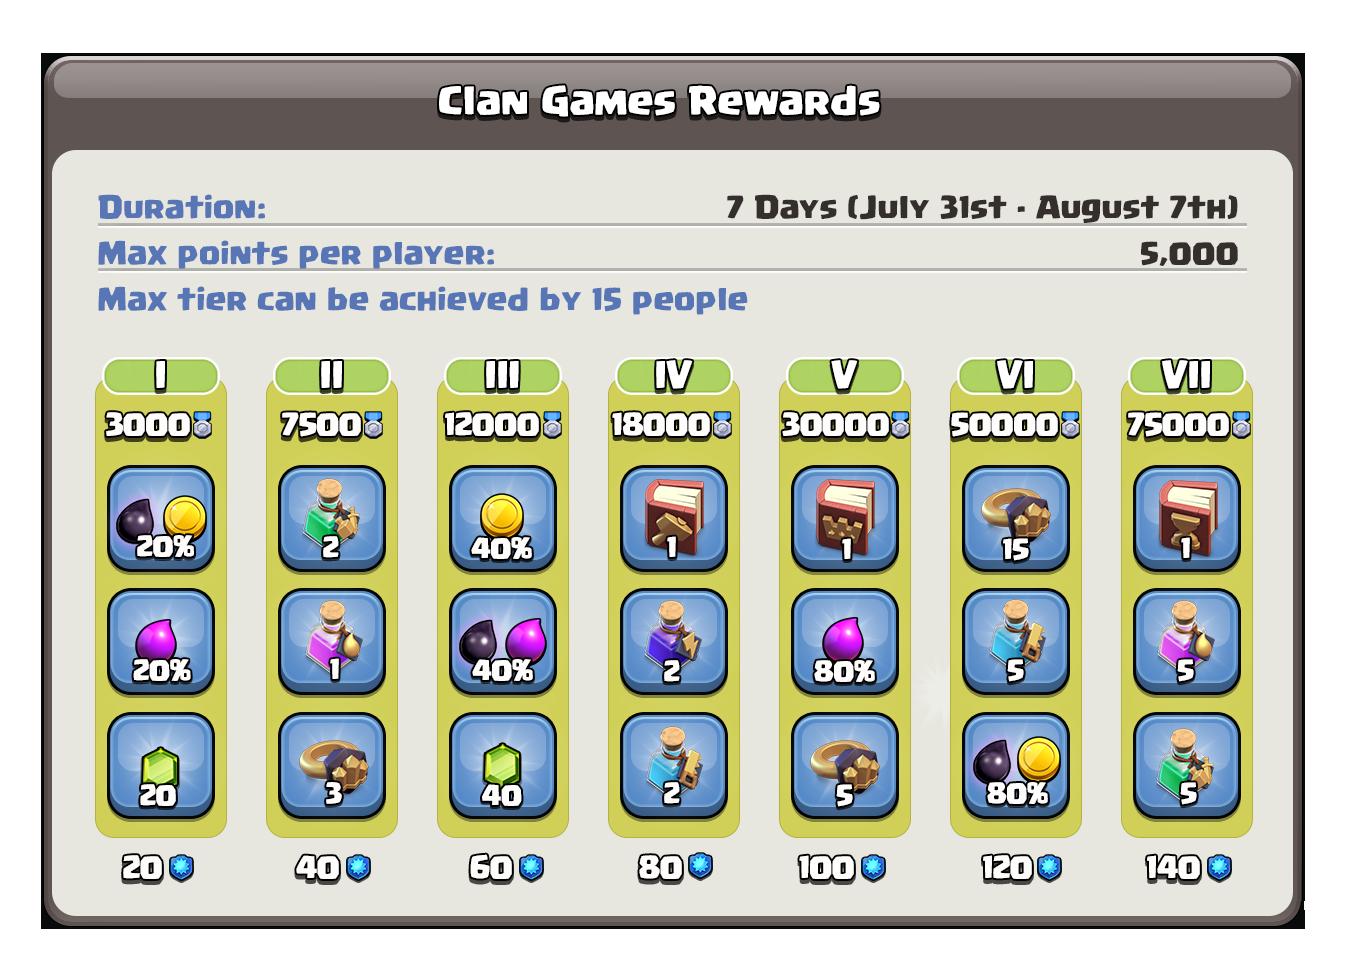 Награды в клановых играх с 31 июля по 7 августа в Clash of Clans